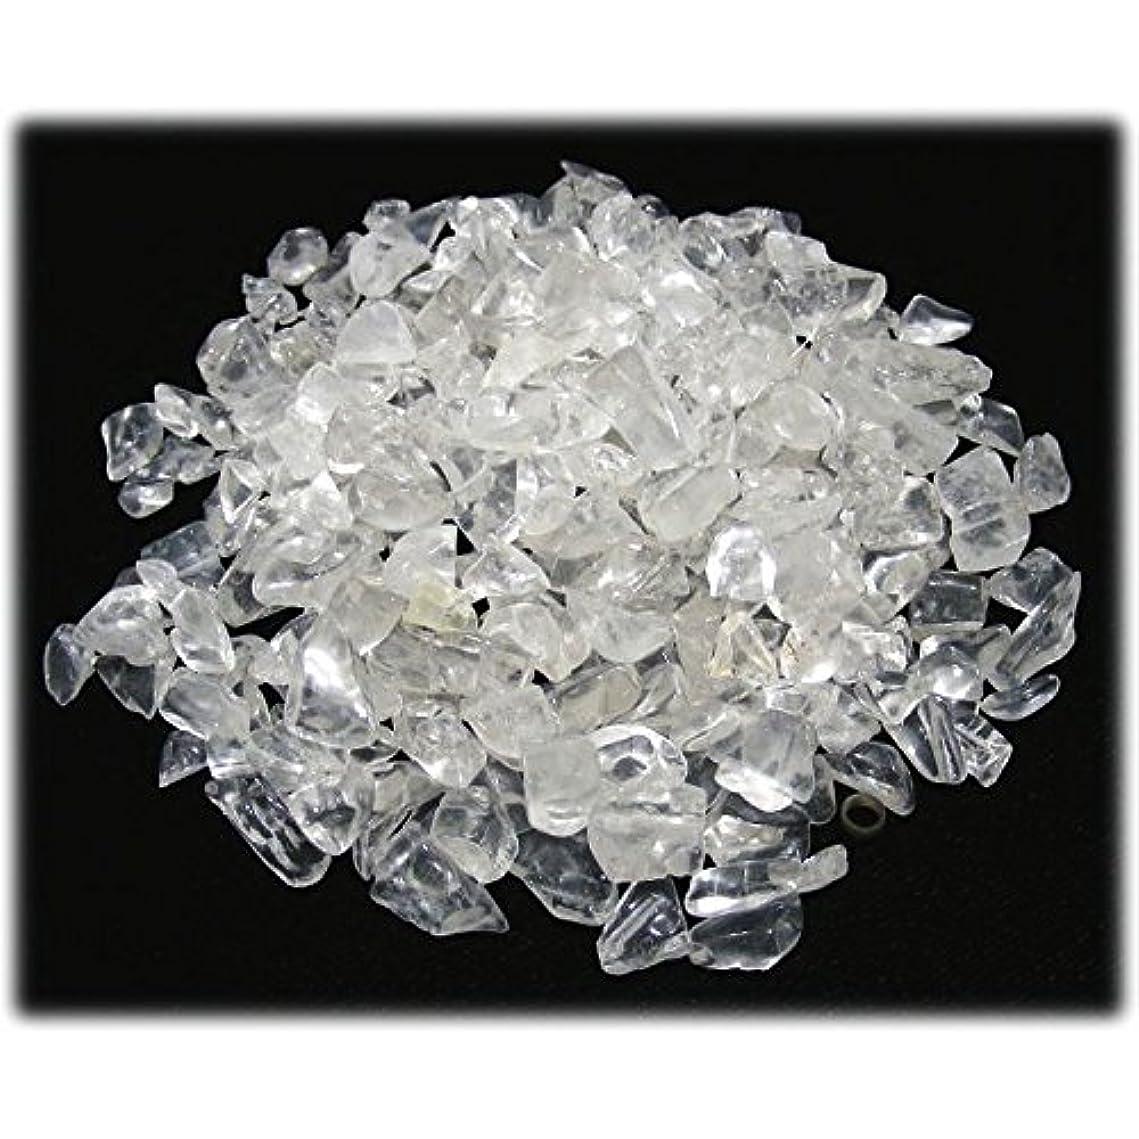 徹底的にネーピアドラフト浄化アイテム 水晶さざれ(穴無し)1kg